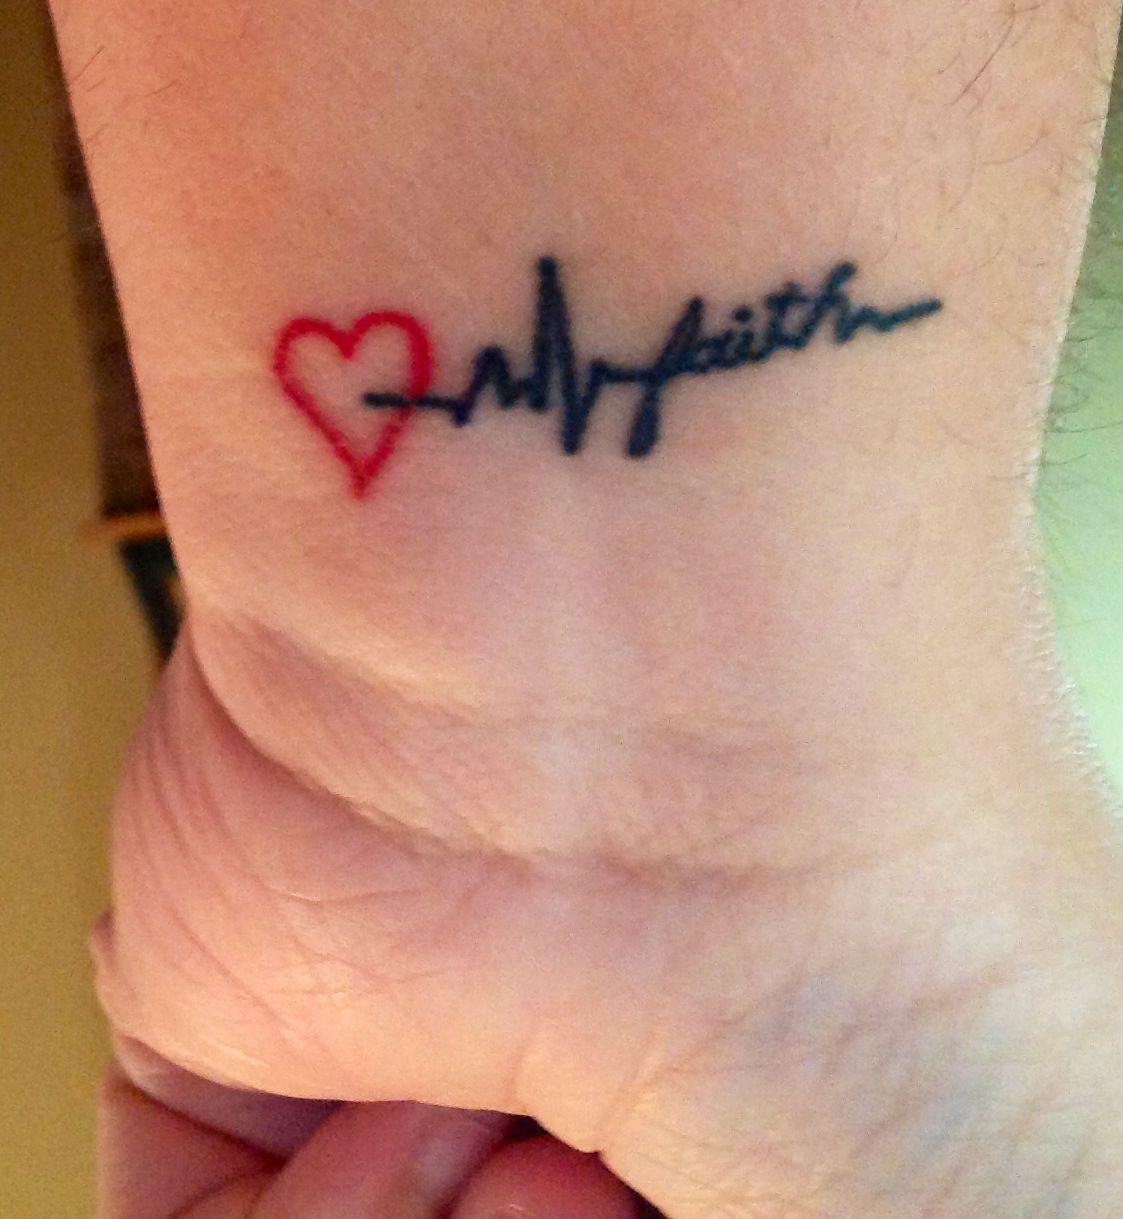 Tattoos tattoo ideas on pinterest rn - My Tattoo Got It After Graduating Nursing School